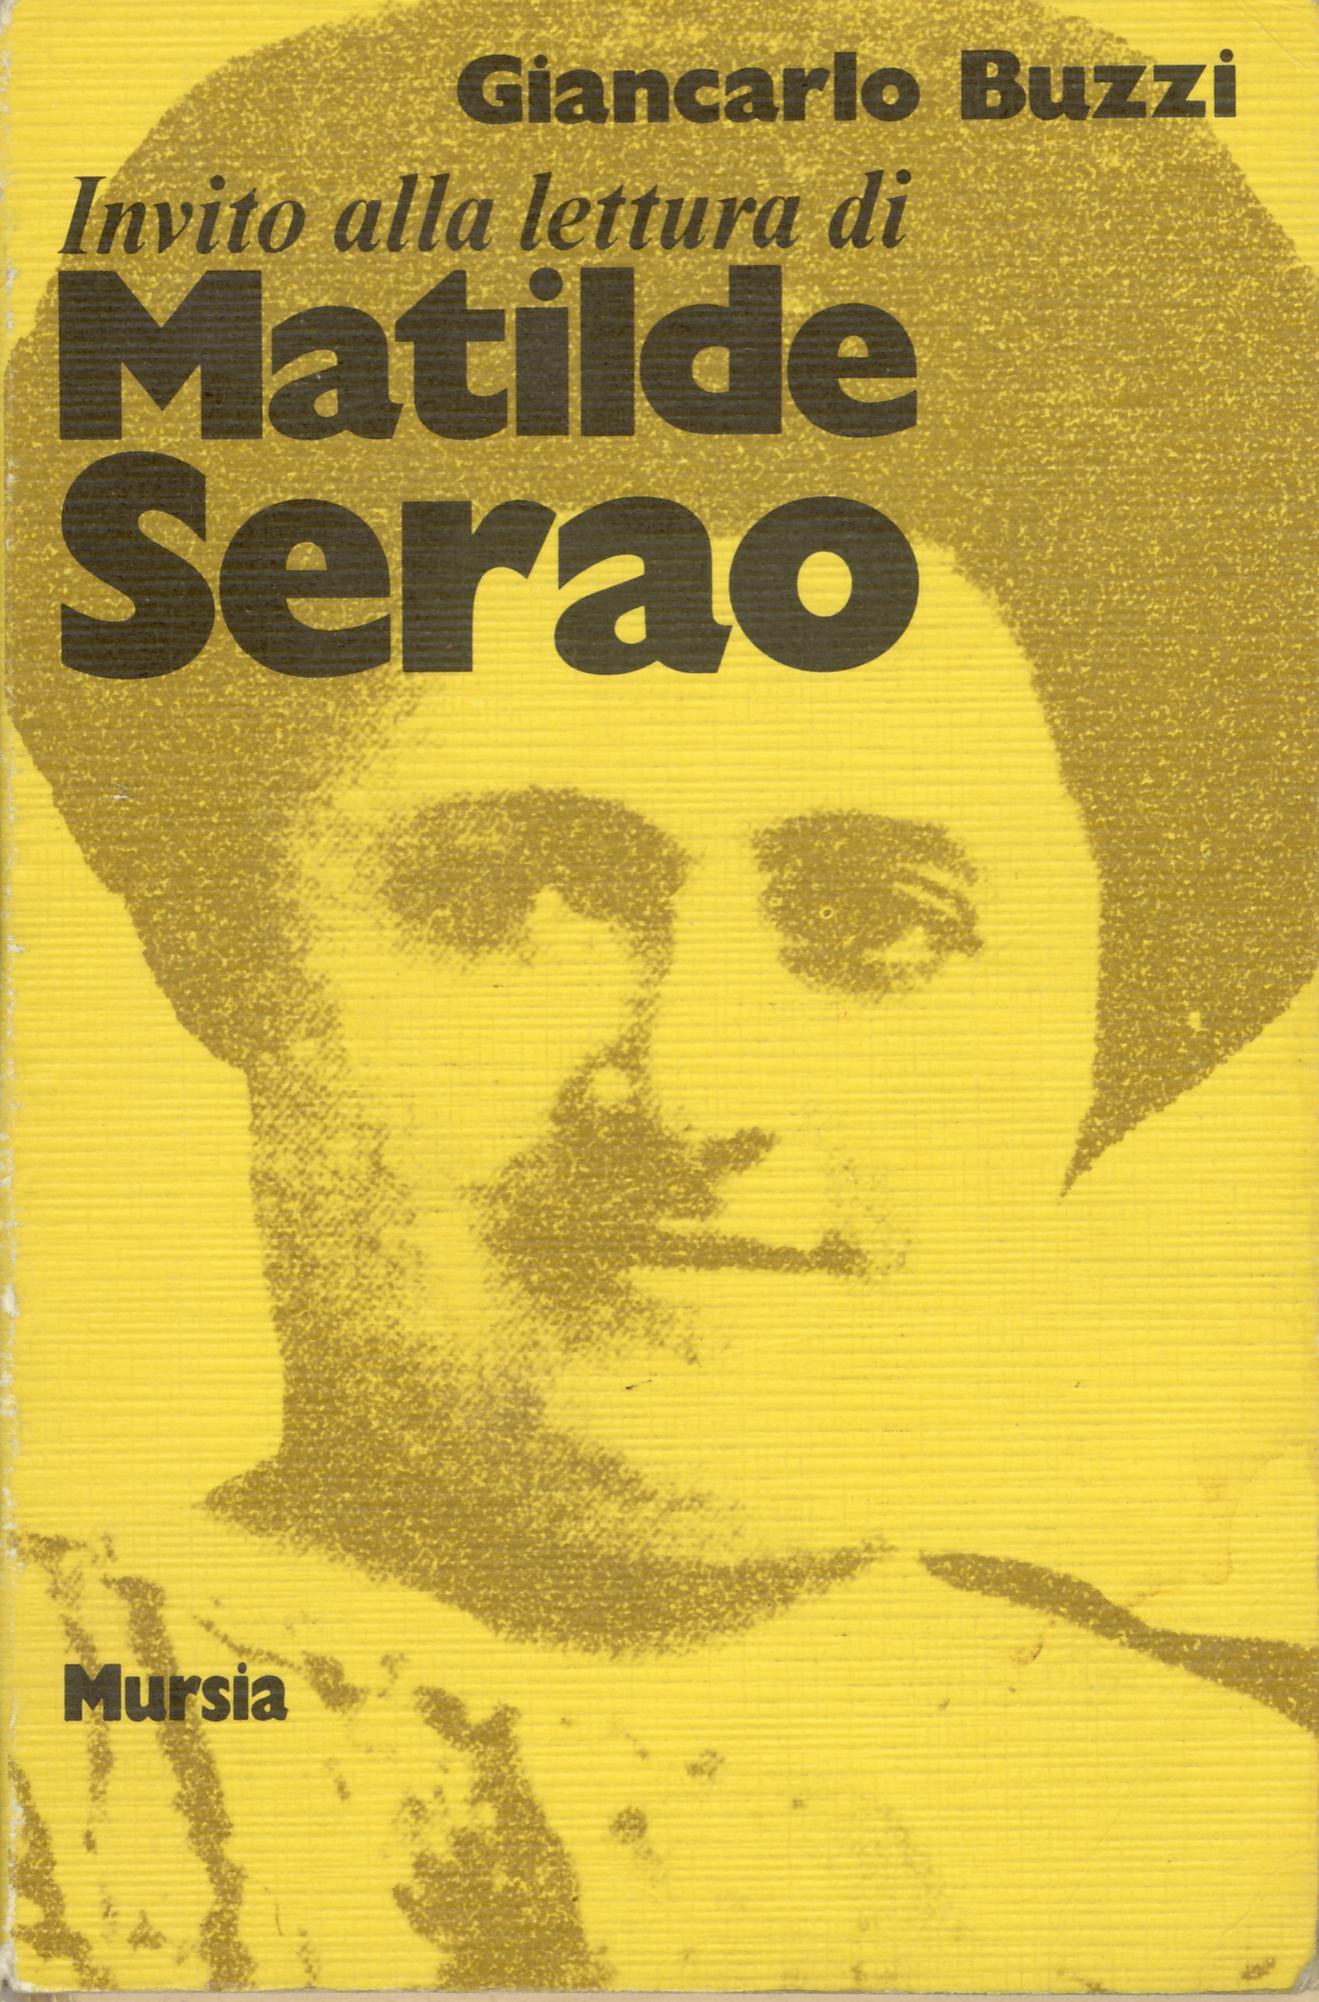 Invito alla lettura di Matilde Serao